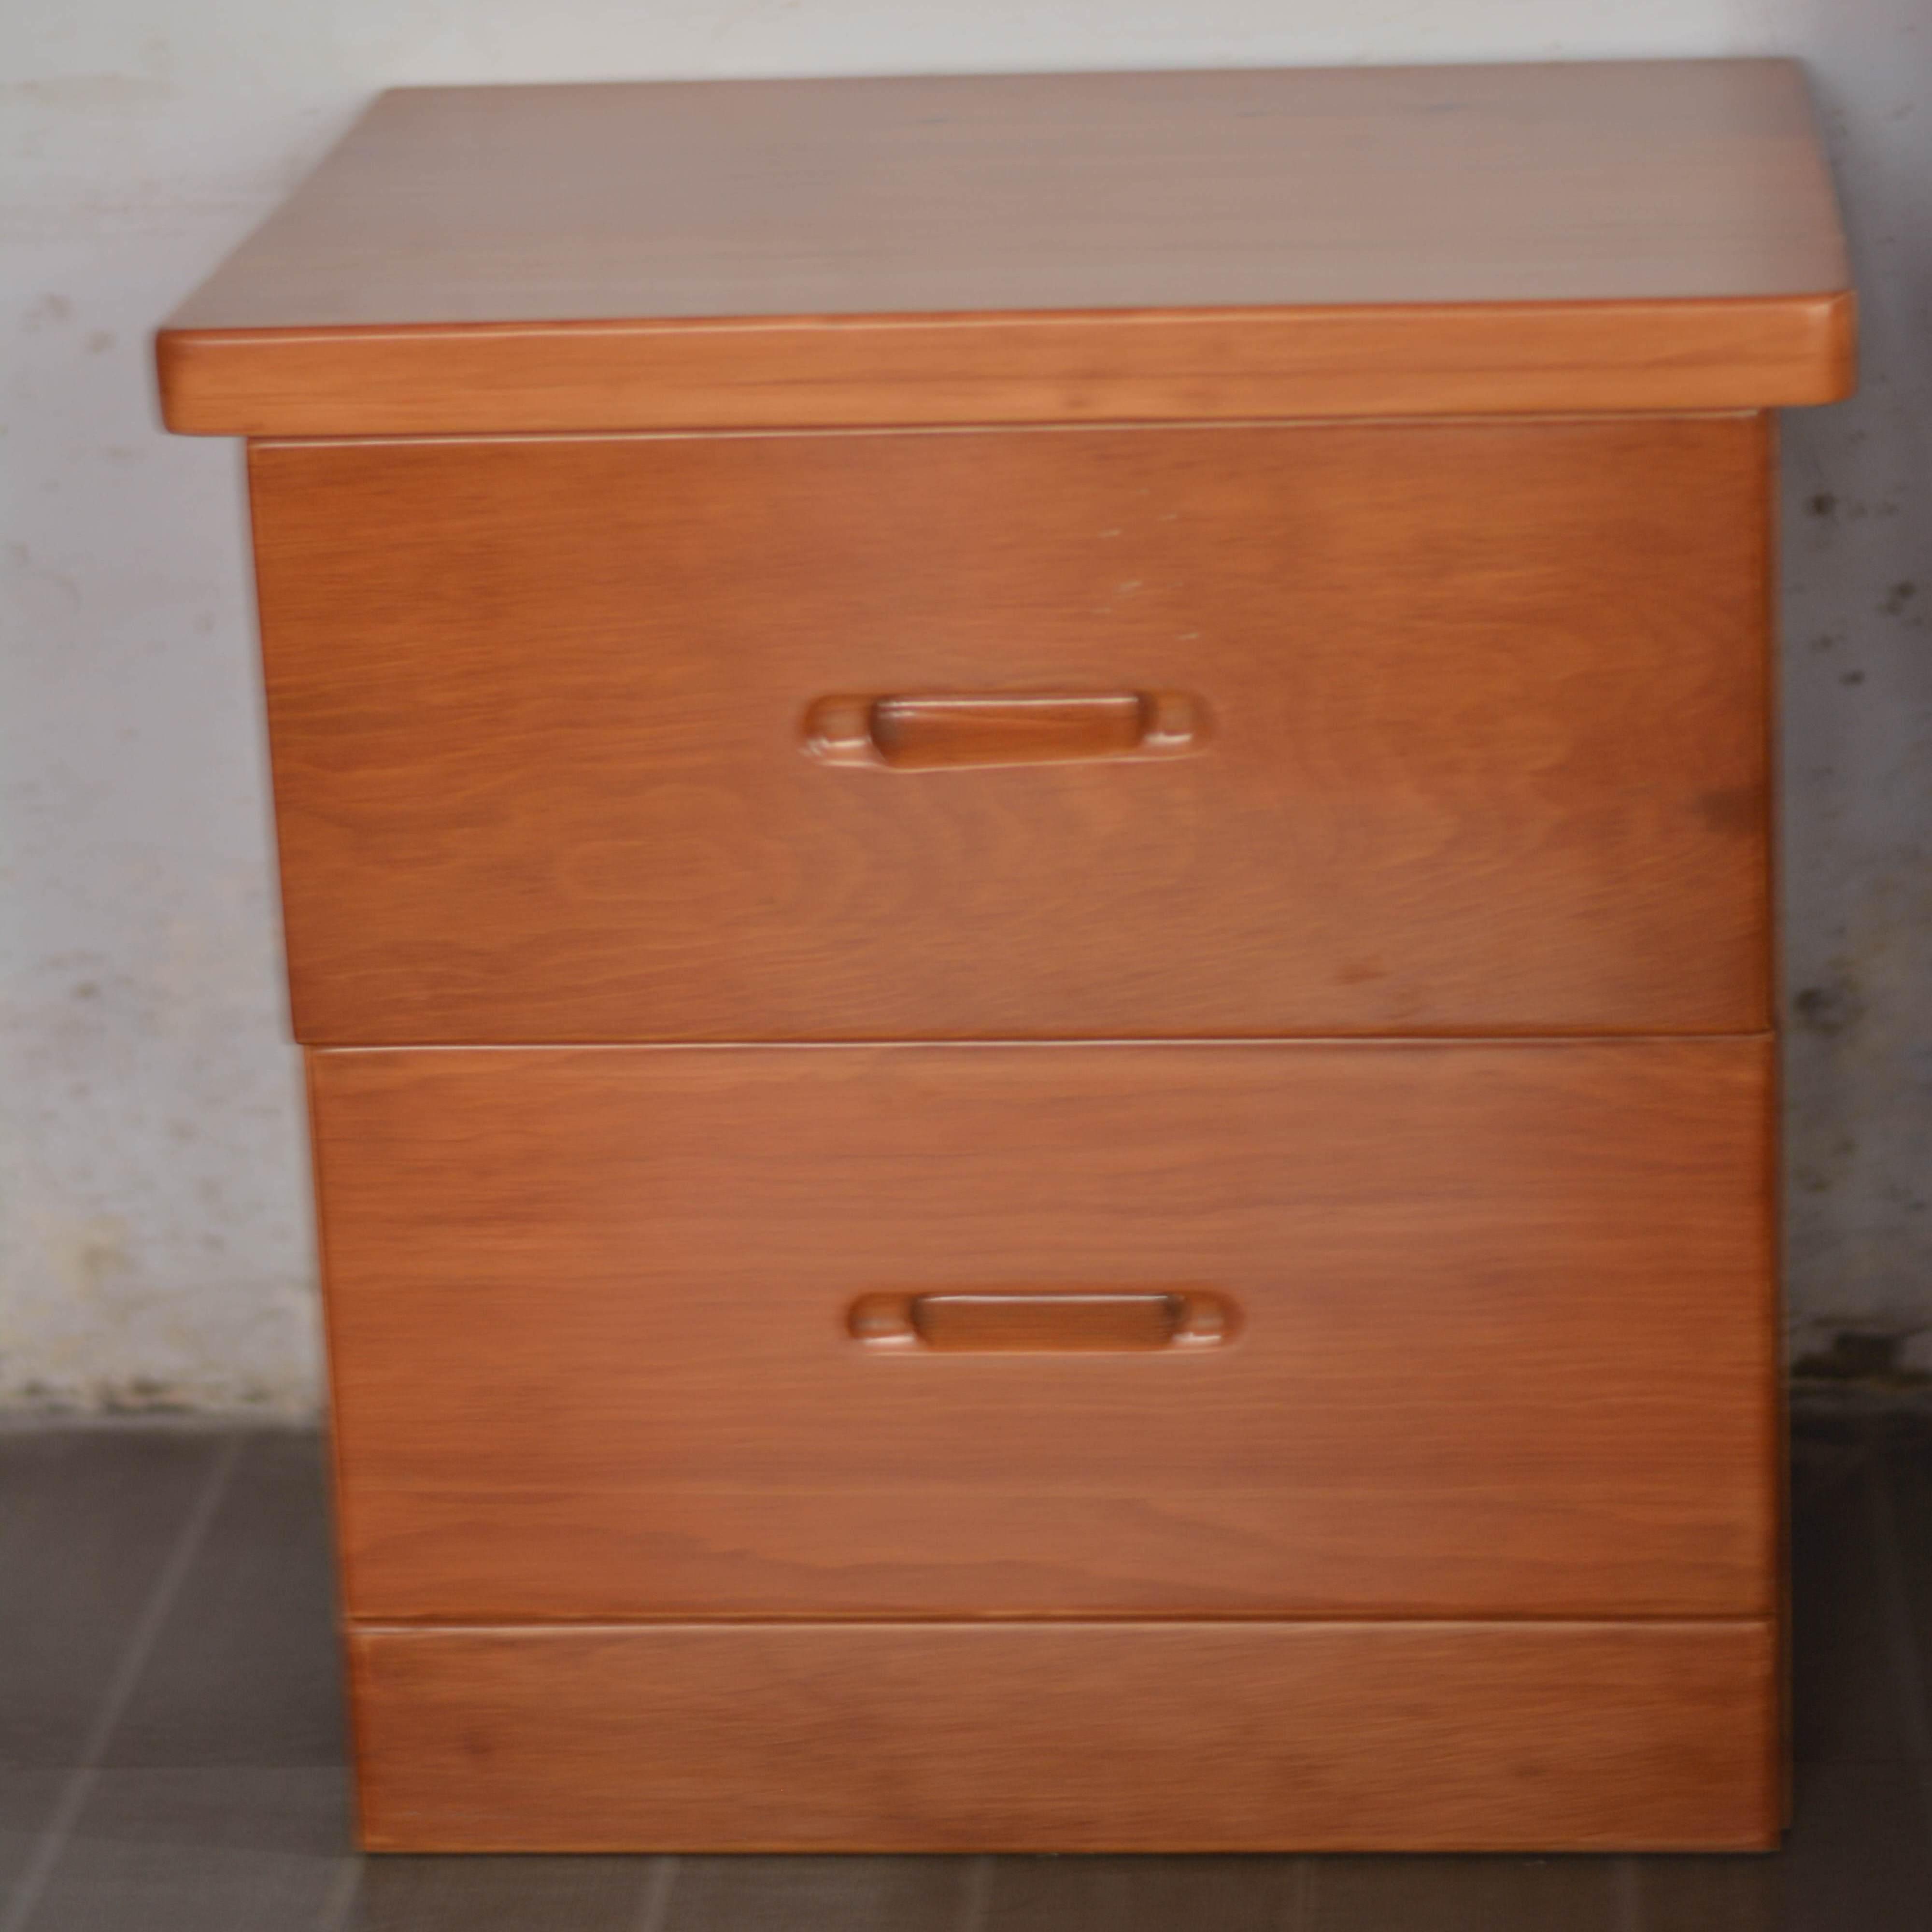 王家实木家具进口红松制作实木家俱床头柜 定制实木家具  无甲醛原始工艺厂家直销